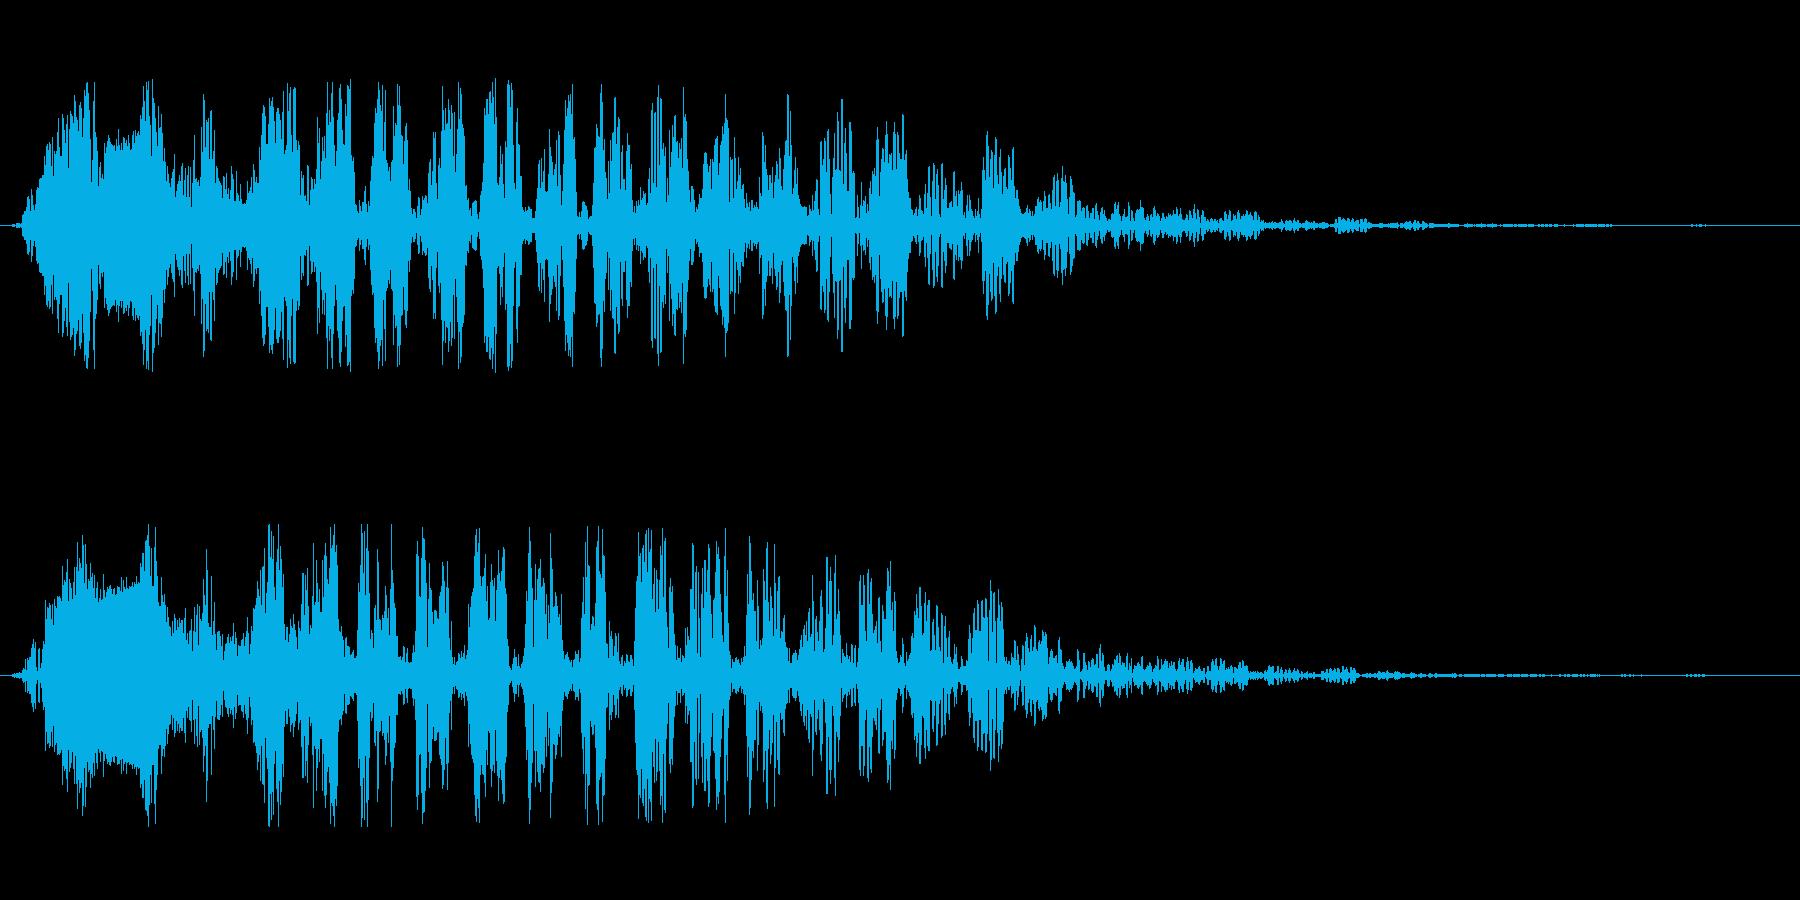 シュタララ(ダウン)の再生済みの波形